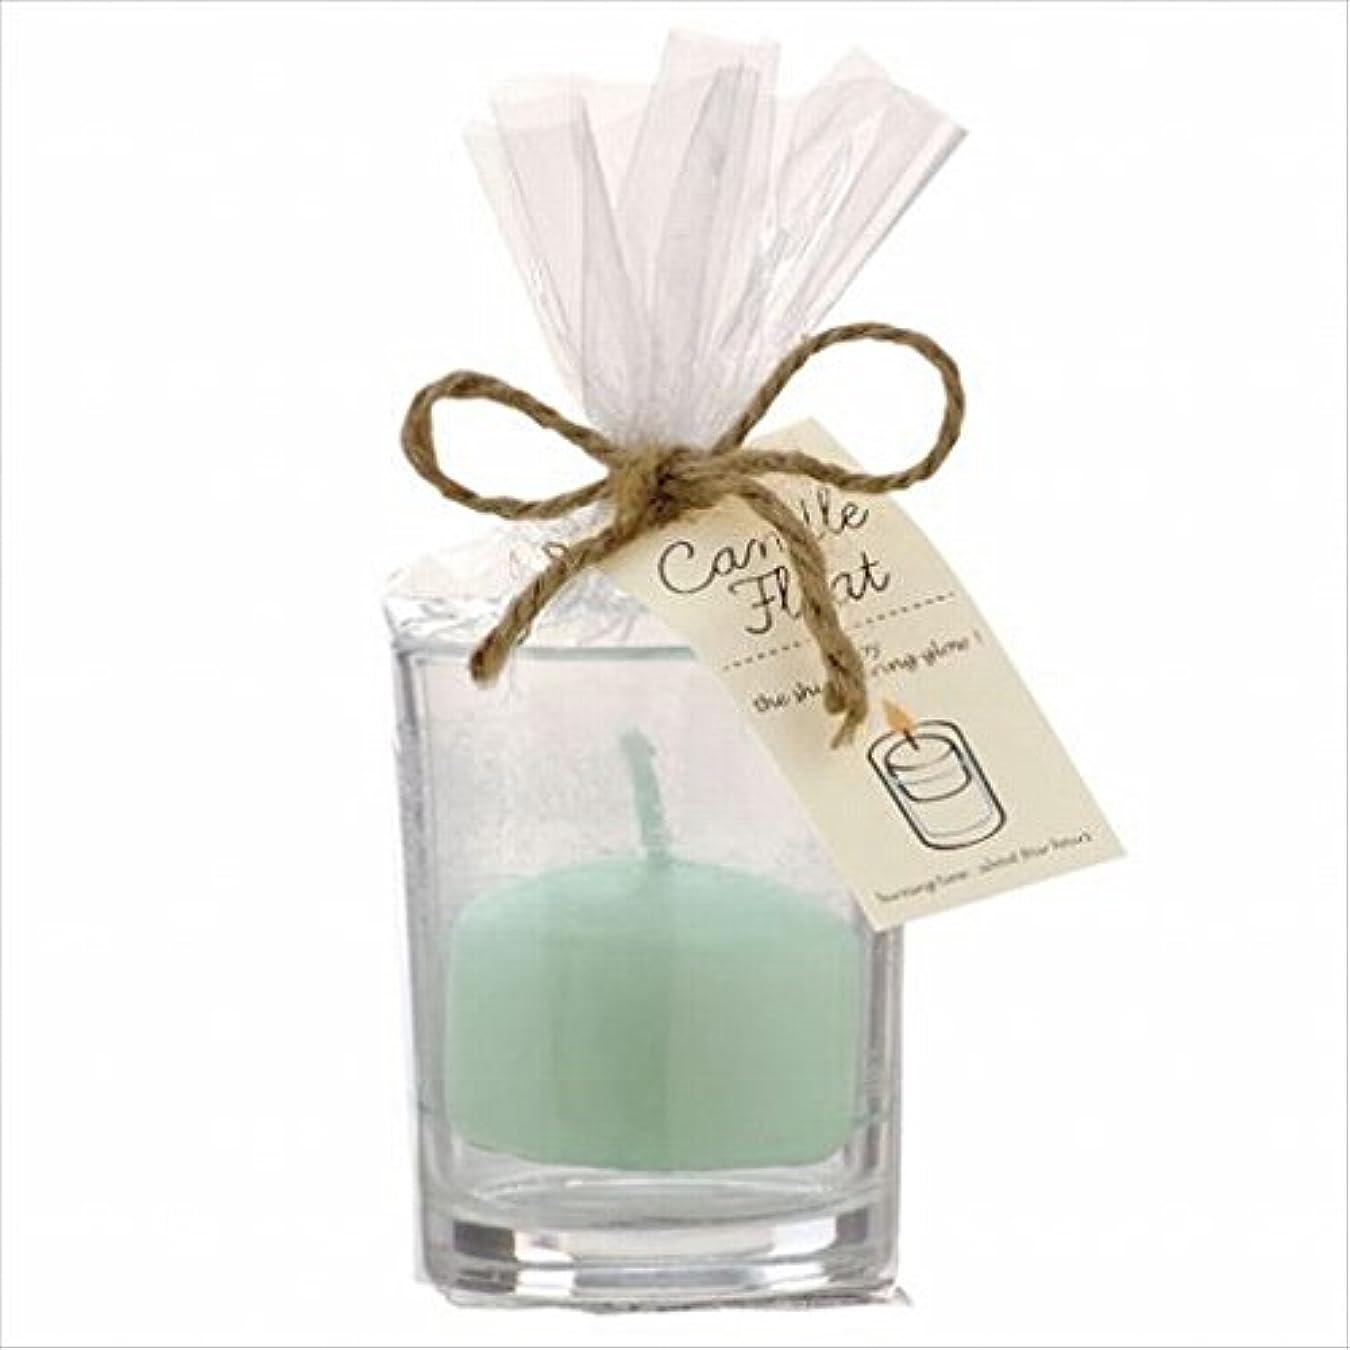 災害プレフィックス委託カメヤマキャンドル(kameyama candle) キャンドルフロート 「 ライトブルー 」